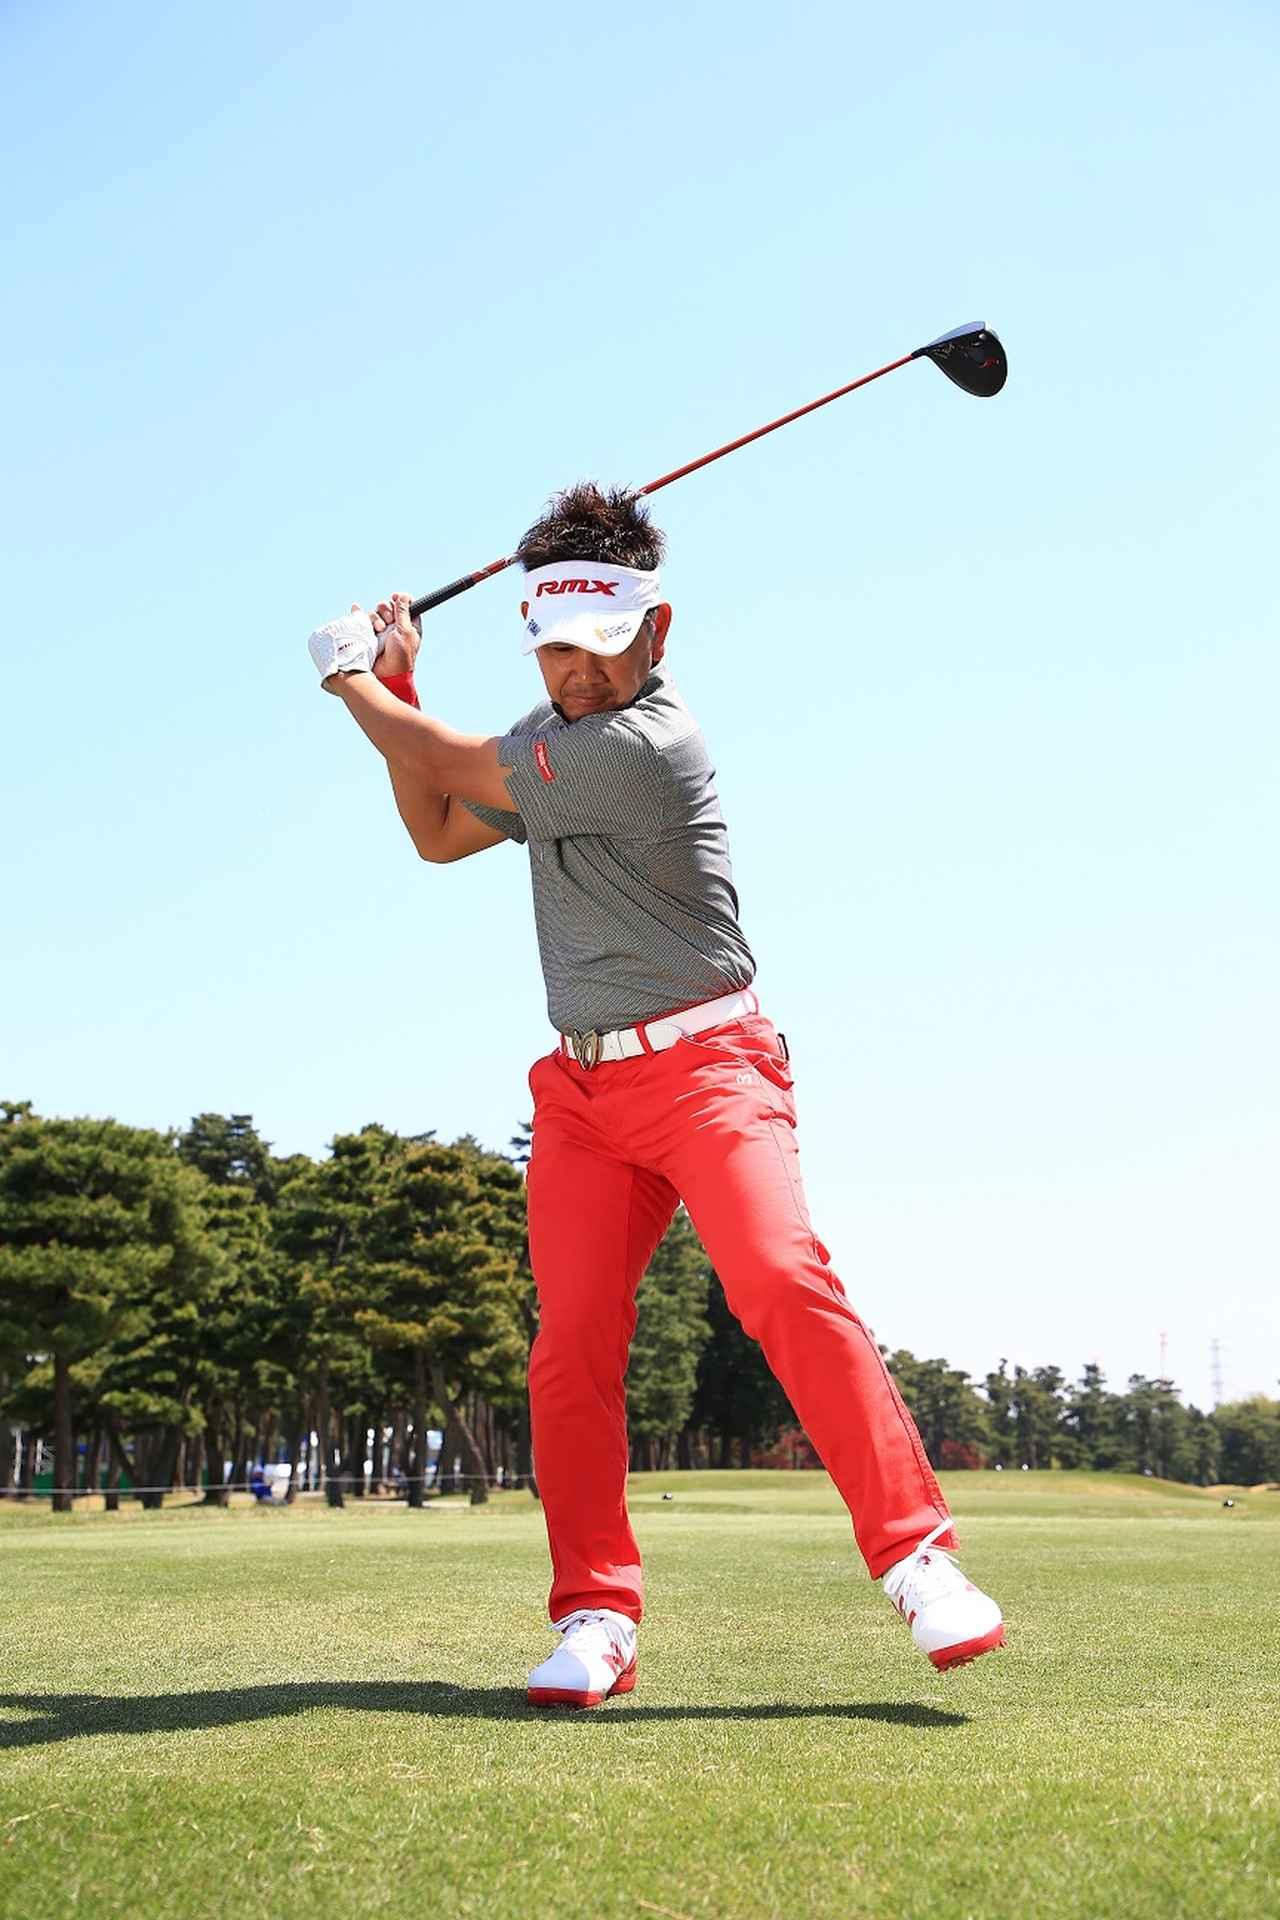 画像: 野球の投手がテークバックで上げた左足を下ろす動き。ゴルフの切り返しもそのイメージに近いと藤田は言う